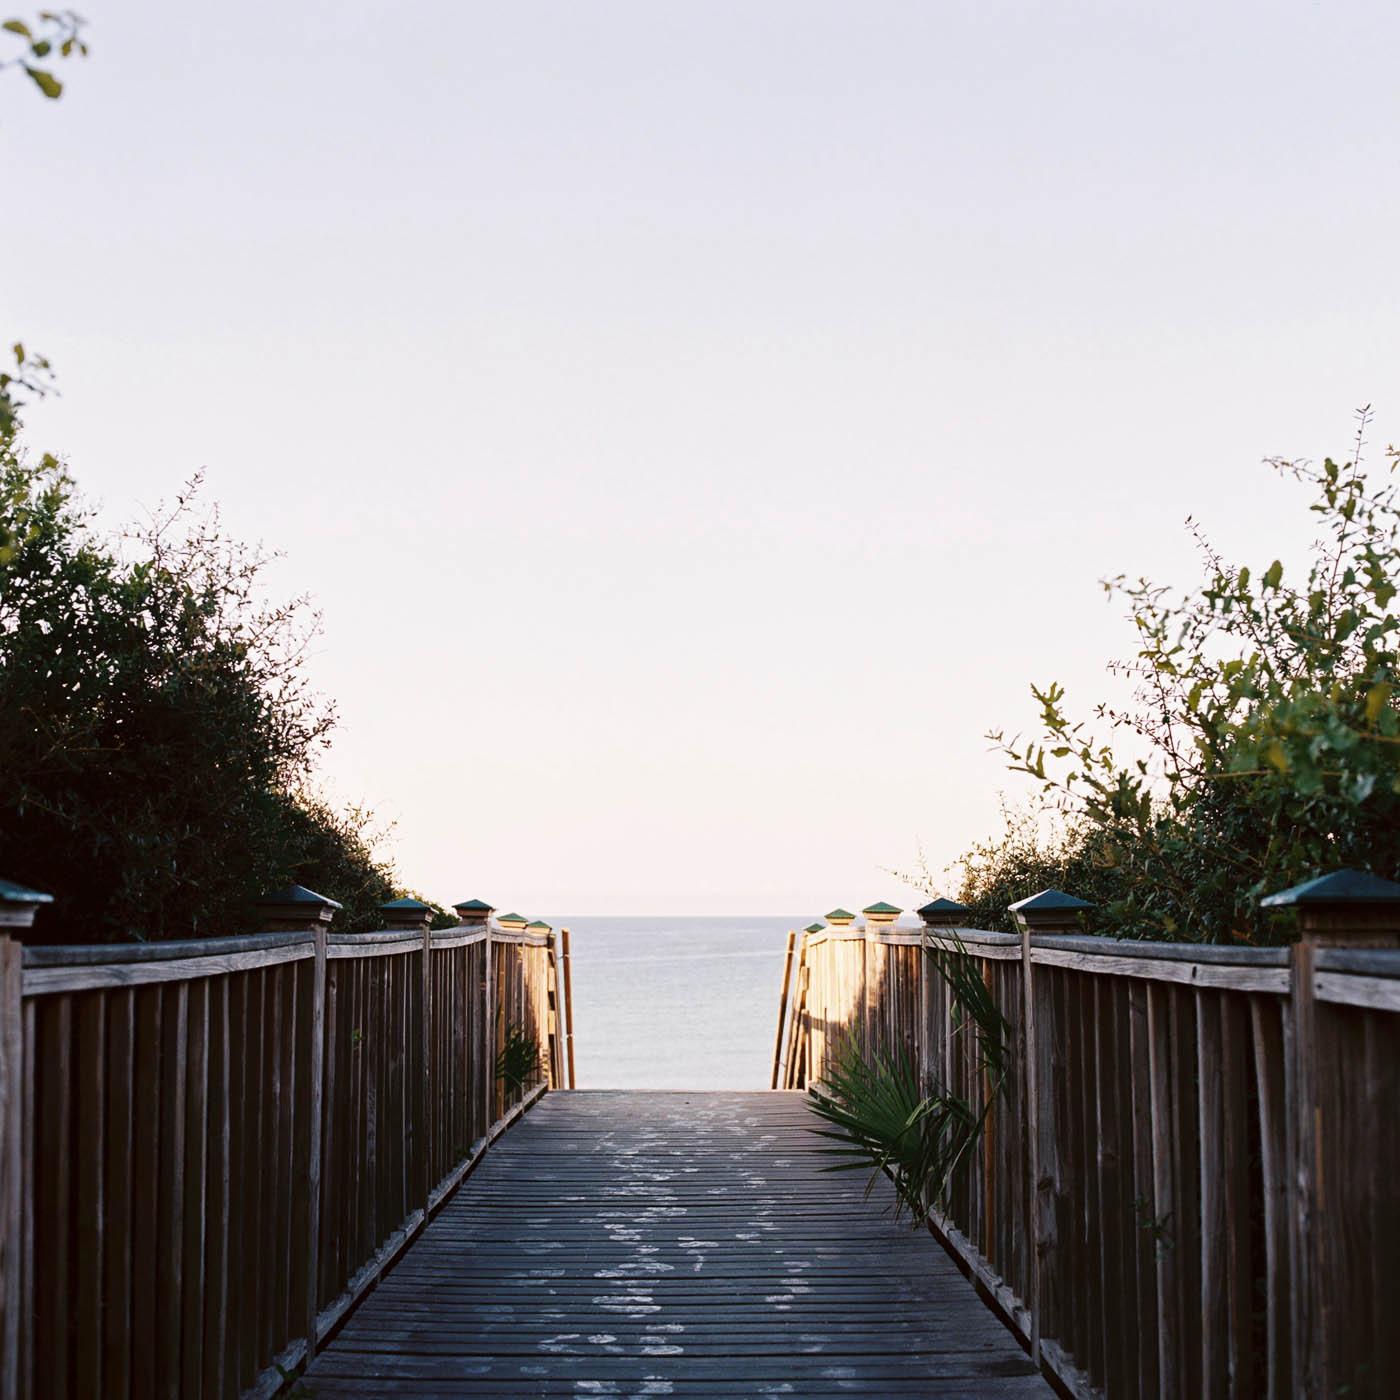 film lifestyle 30A beach photographer ©2015abigailbobophotography-6.jpg